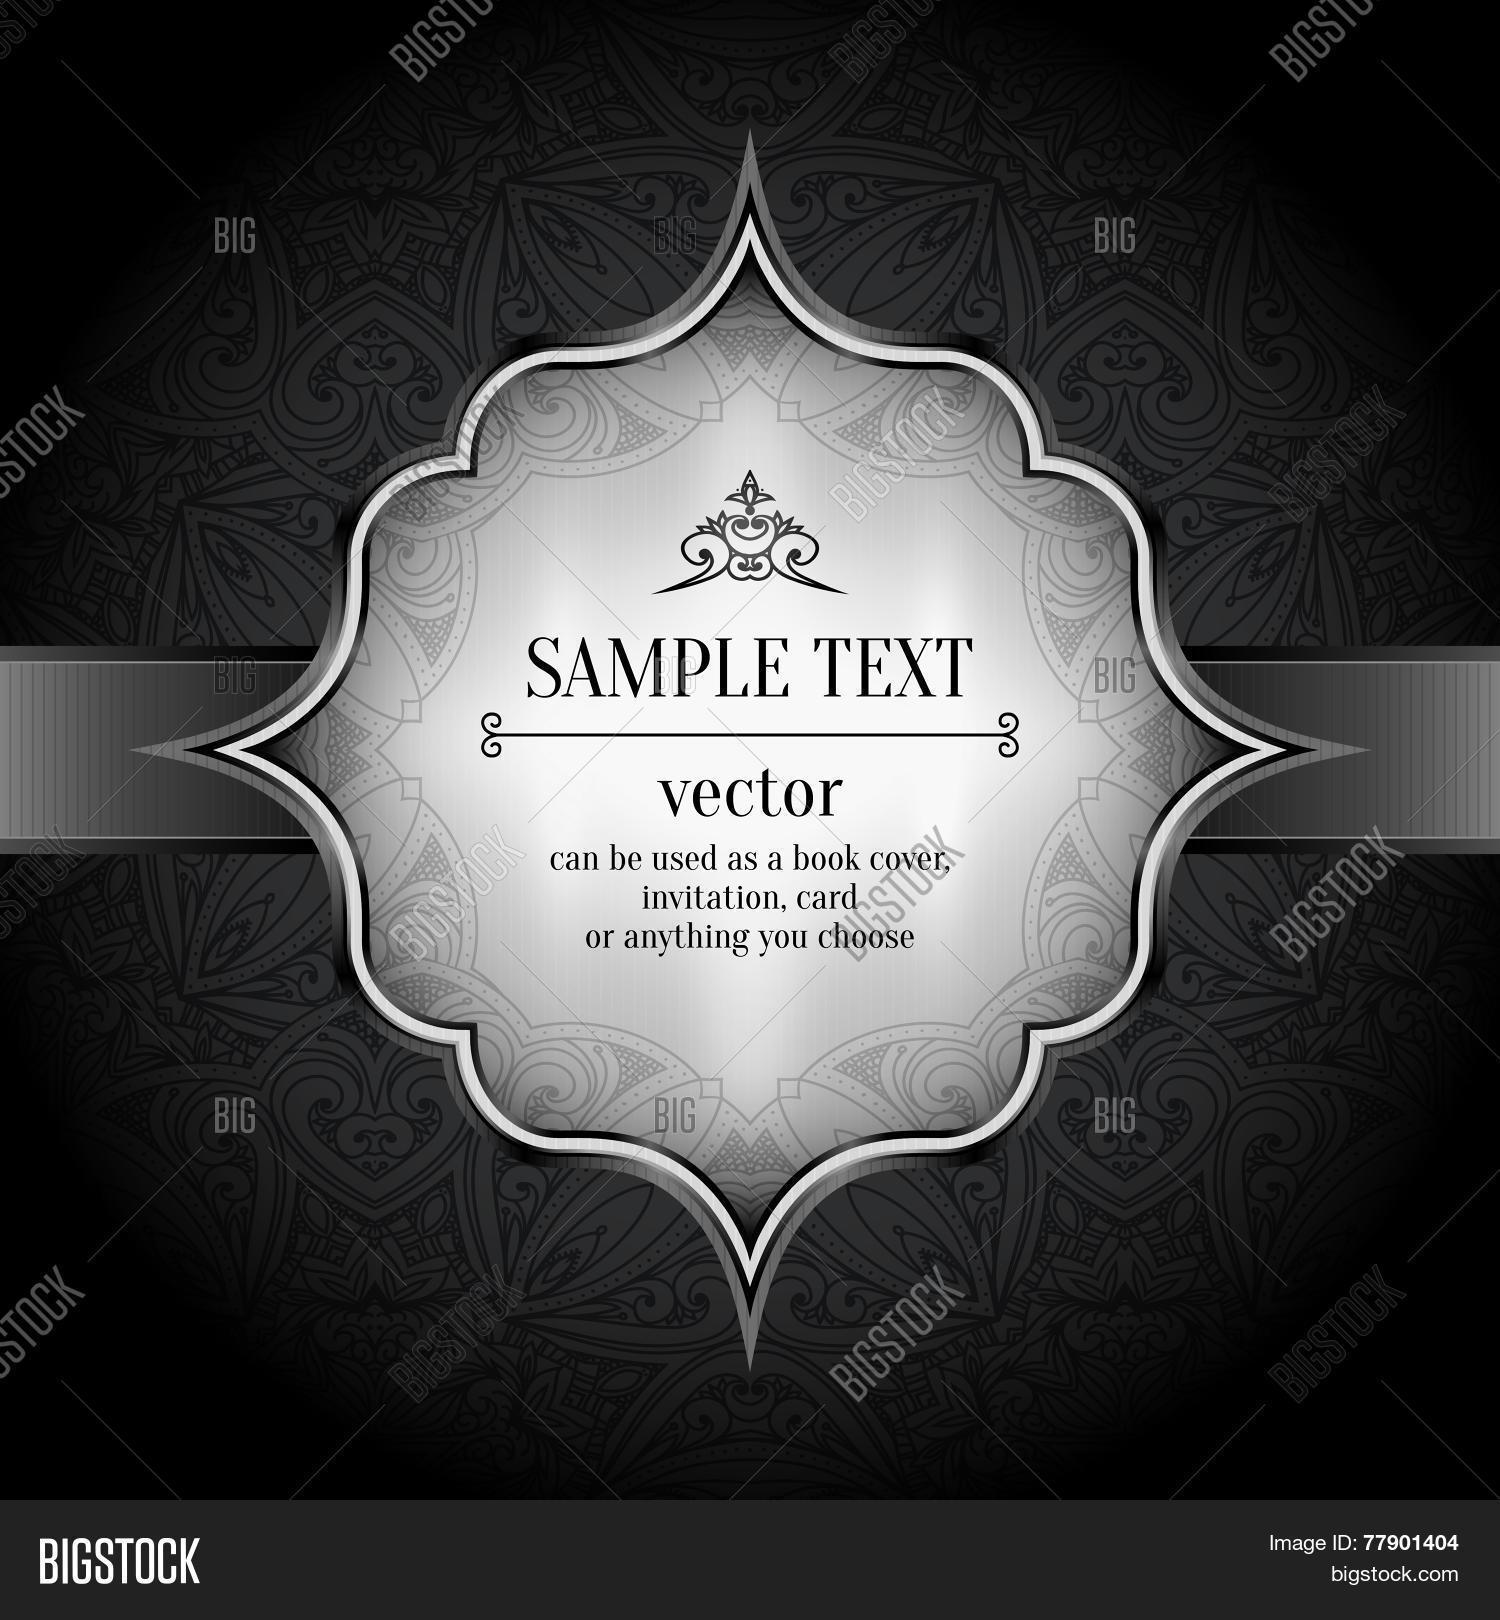 Vintage Vector Vector Photo Free Trial Bigstock